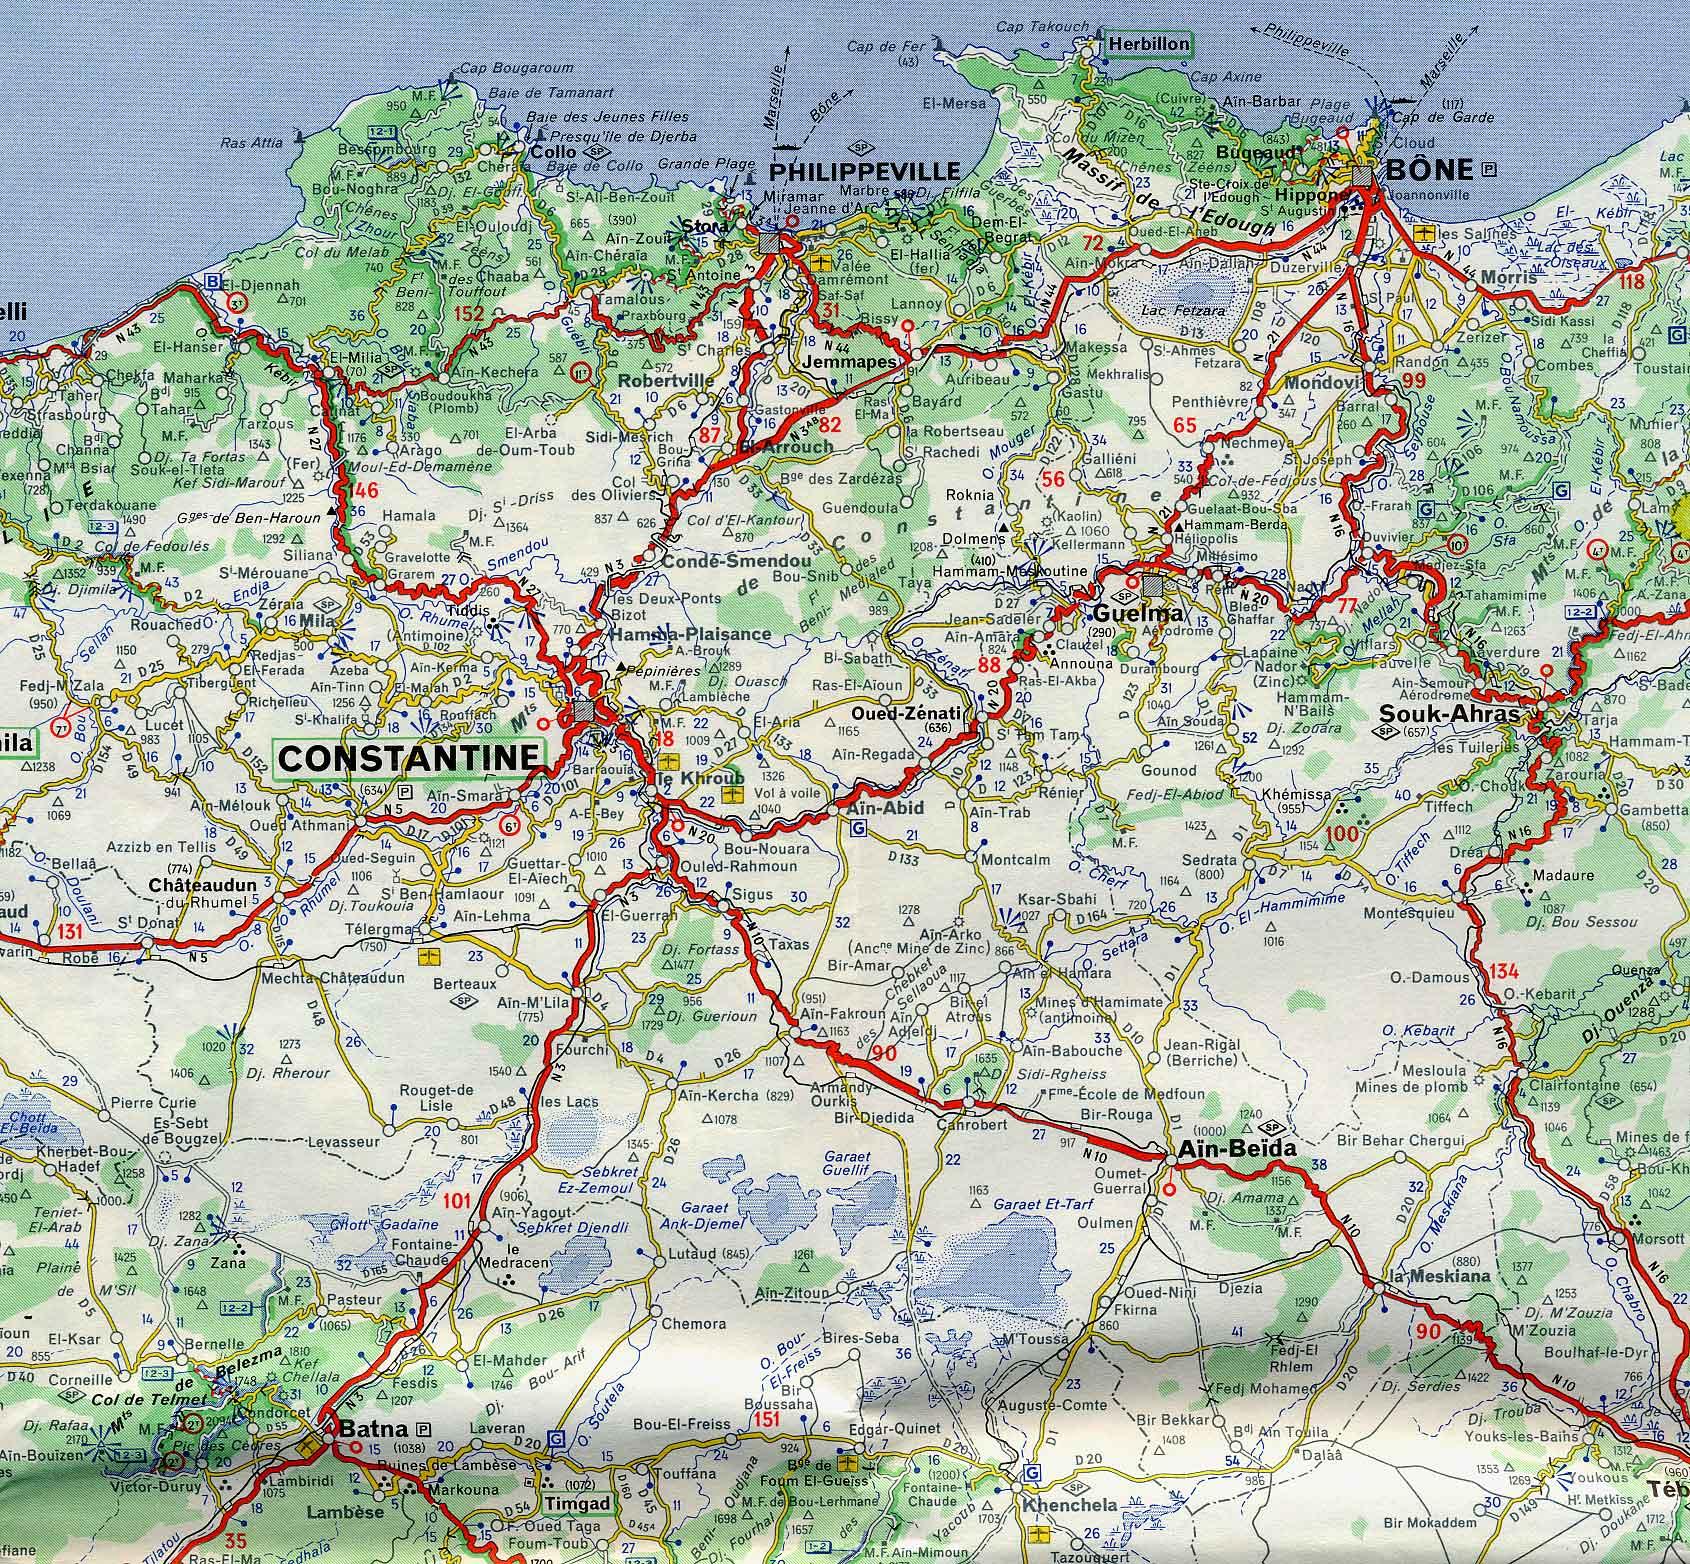 carte de l algerie detaillé grand format Cartograf.fr : Toutes les cartes de l'Algérie